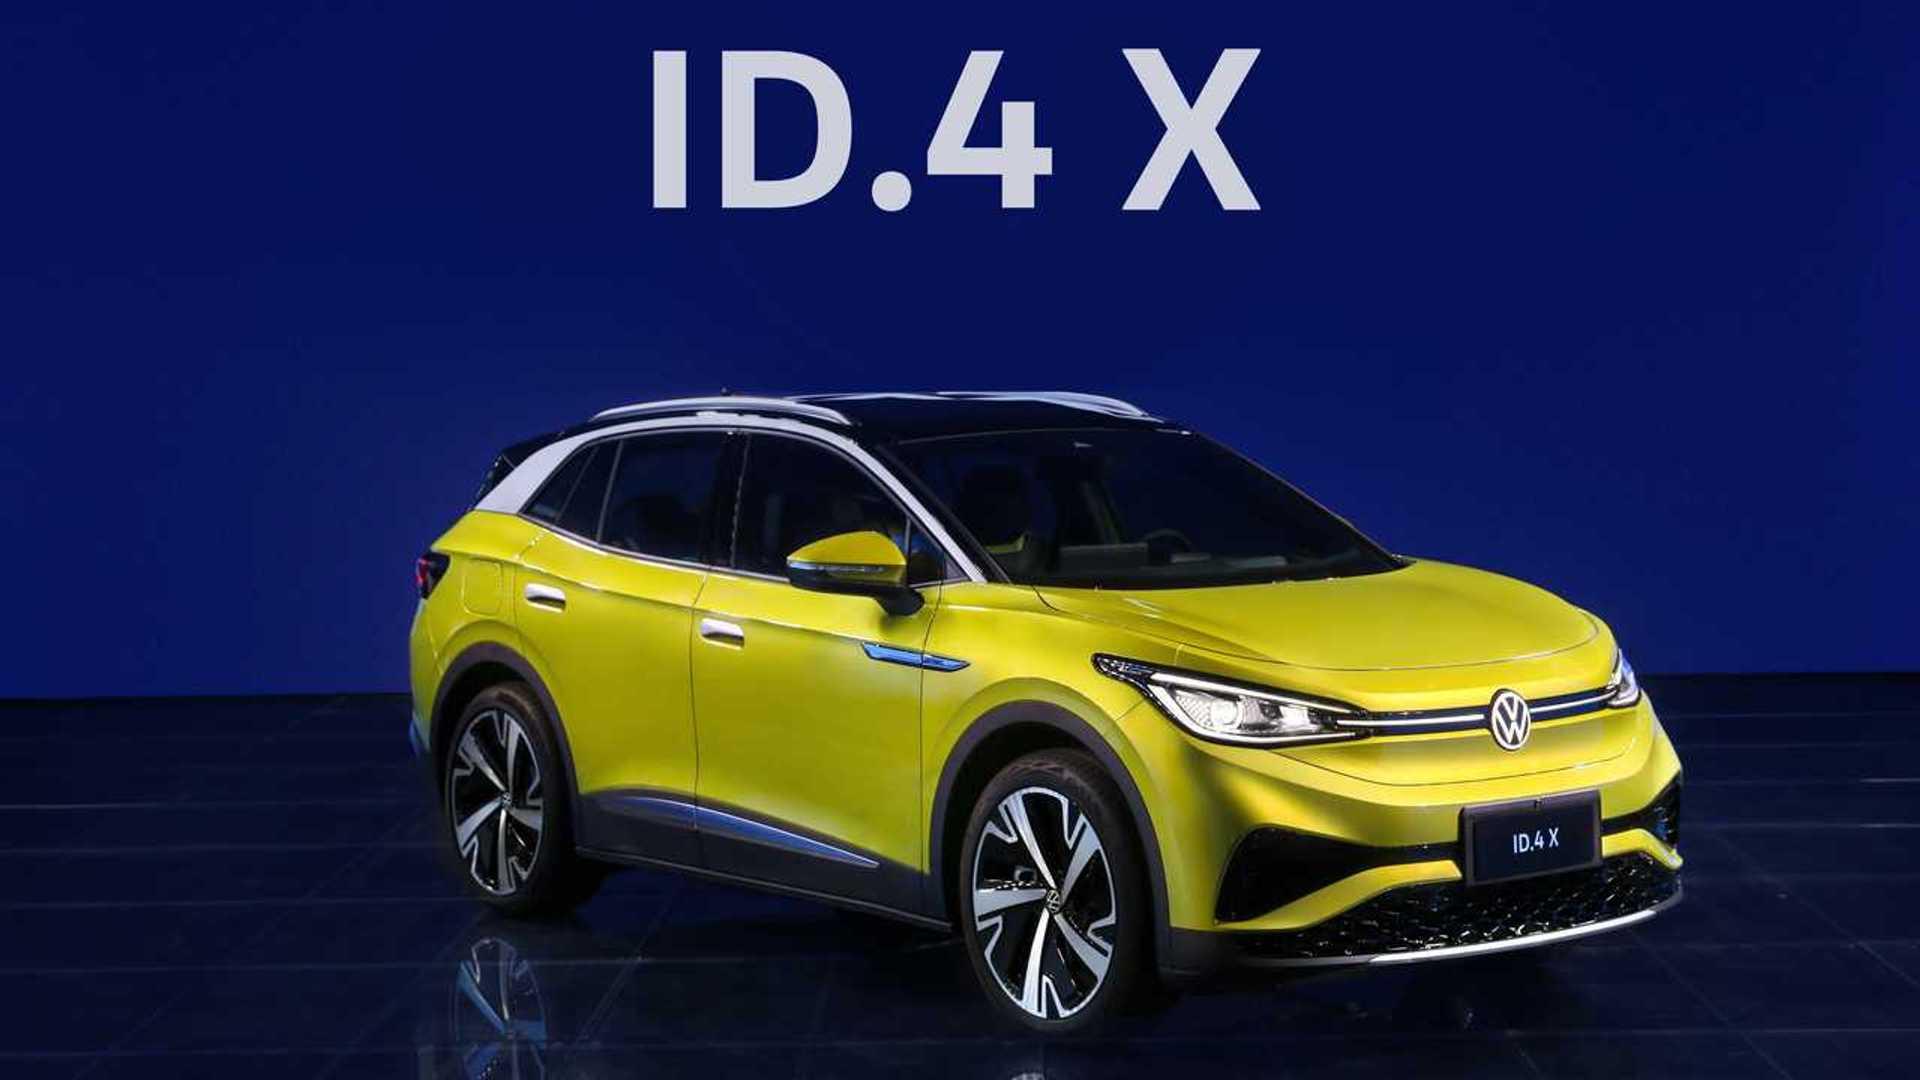 SAIC Volkswagen's ID.4 X